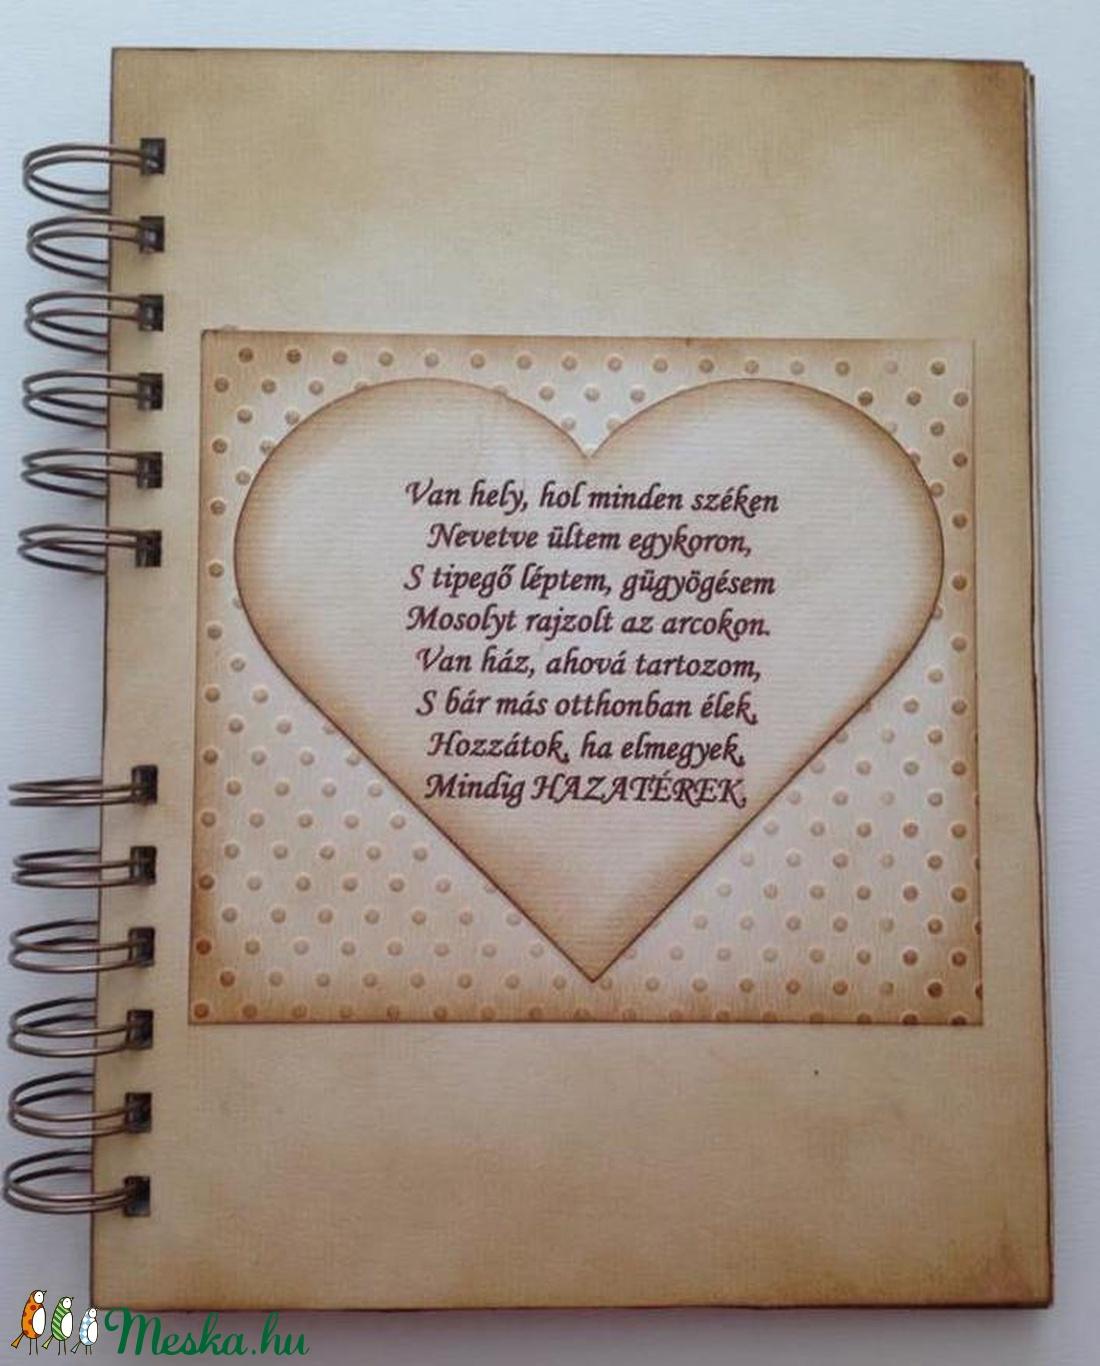 emlek versek idézetek Meska   Egyedi Kézműves Termékek és Ajándékok Közvetlenül a